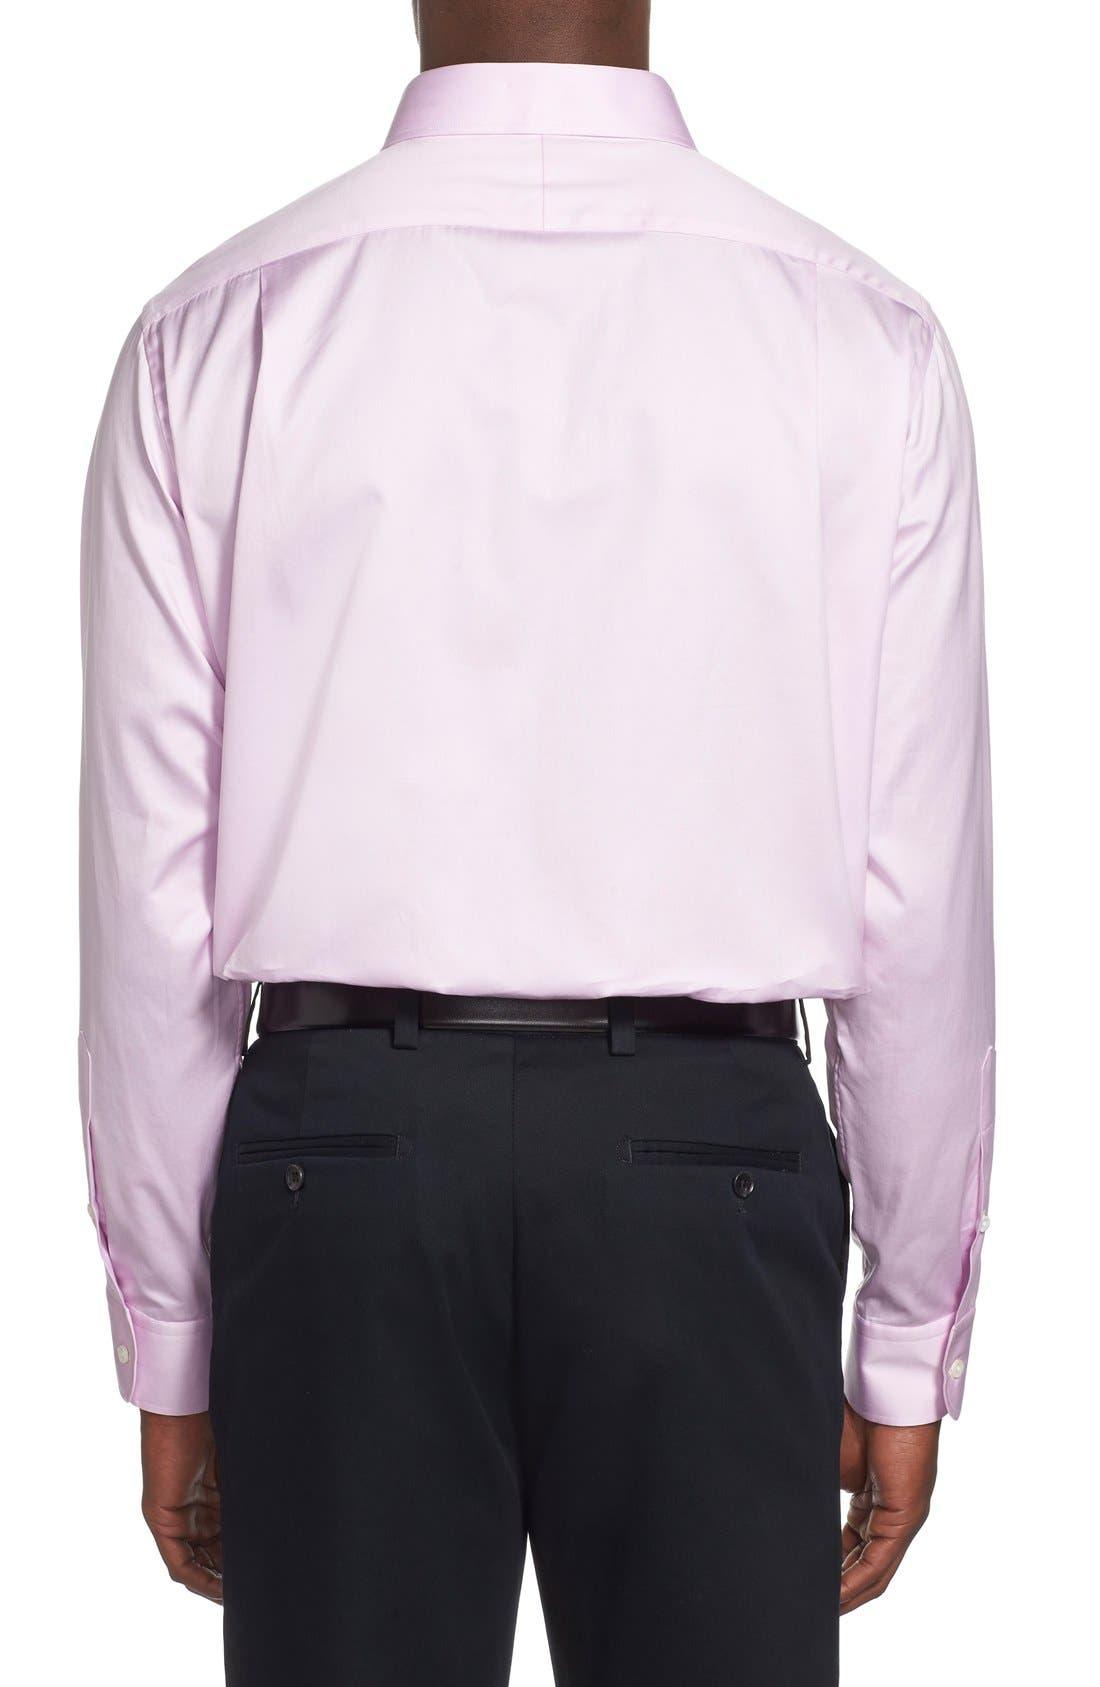 Alternate Image 3  - Ike Behar Regular Fit Solid Dress Shirt (Online Only)